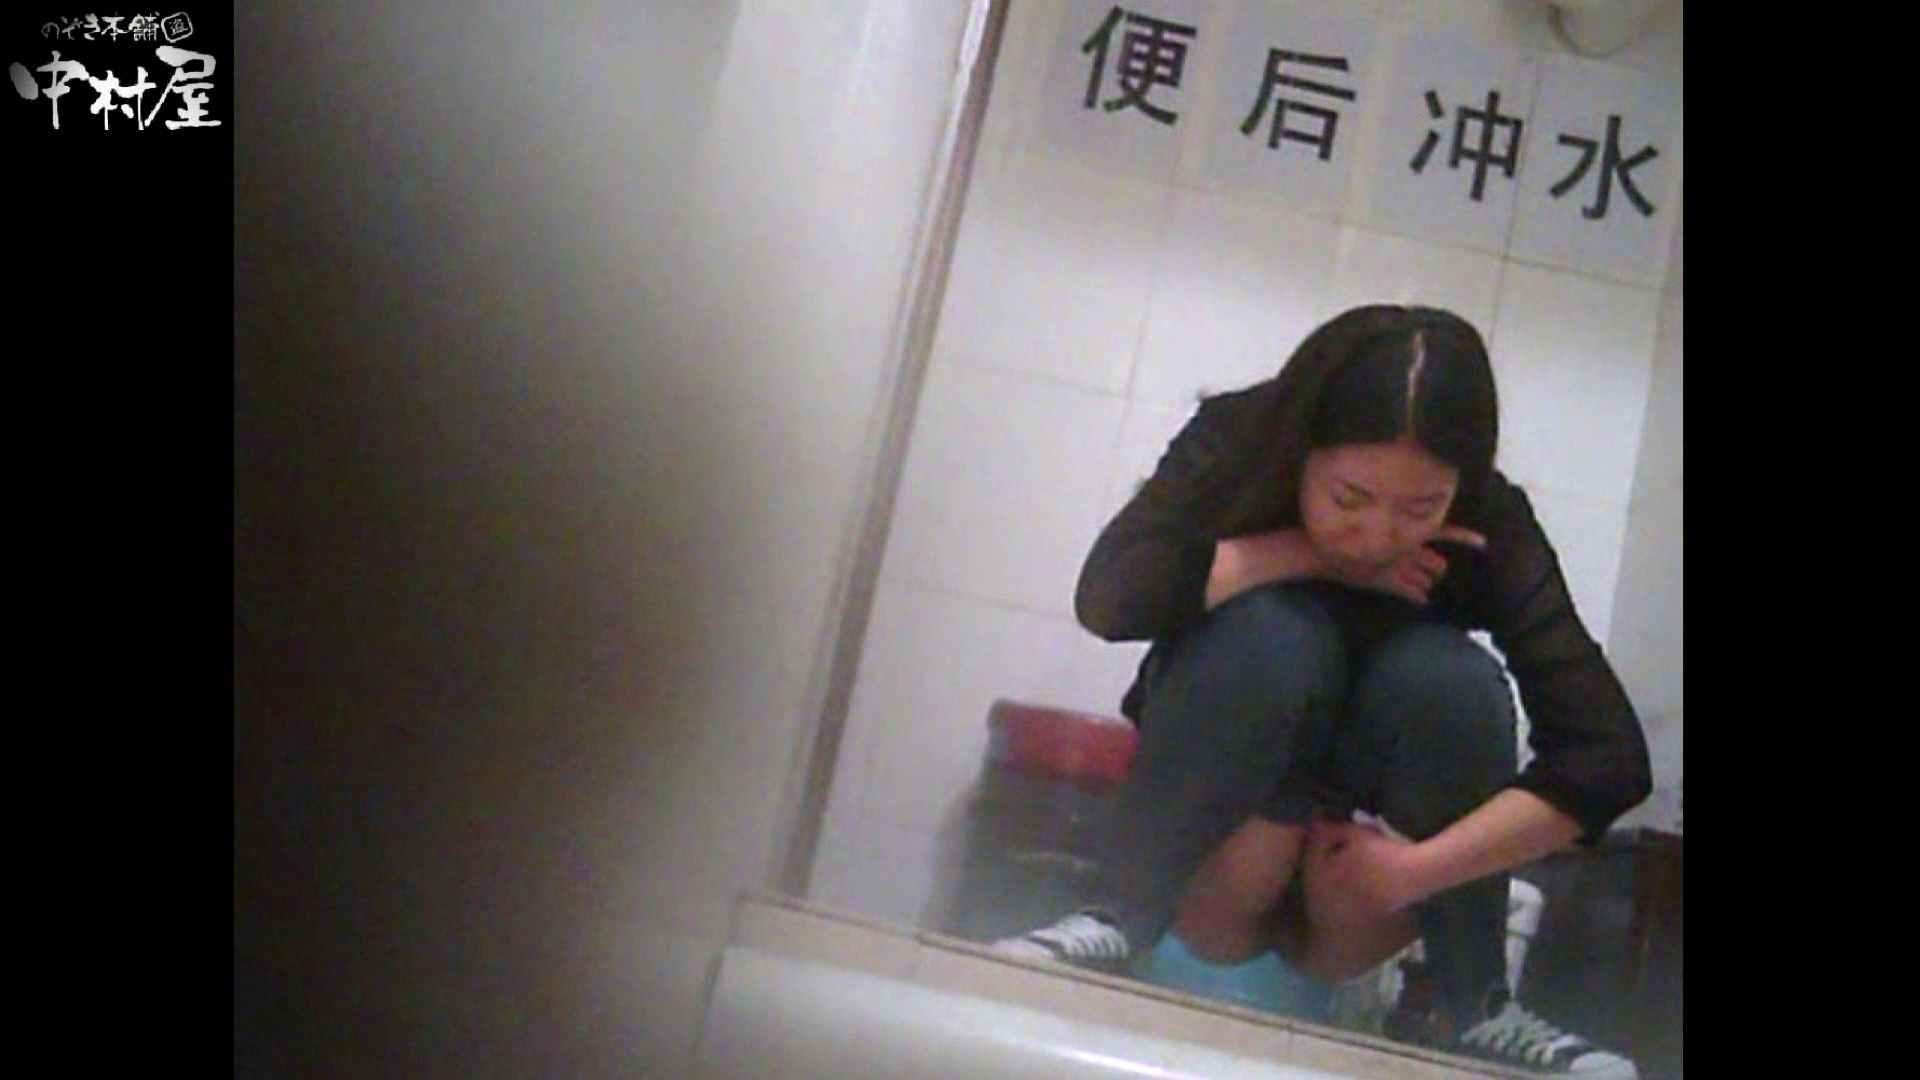 李さんの盗撮日記 Vol.07 女体盗撮 盗撮ヌード画像 76連発 38